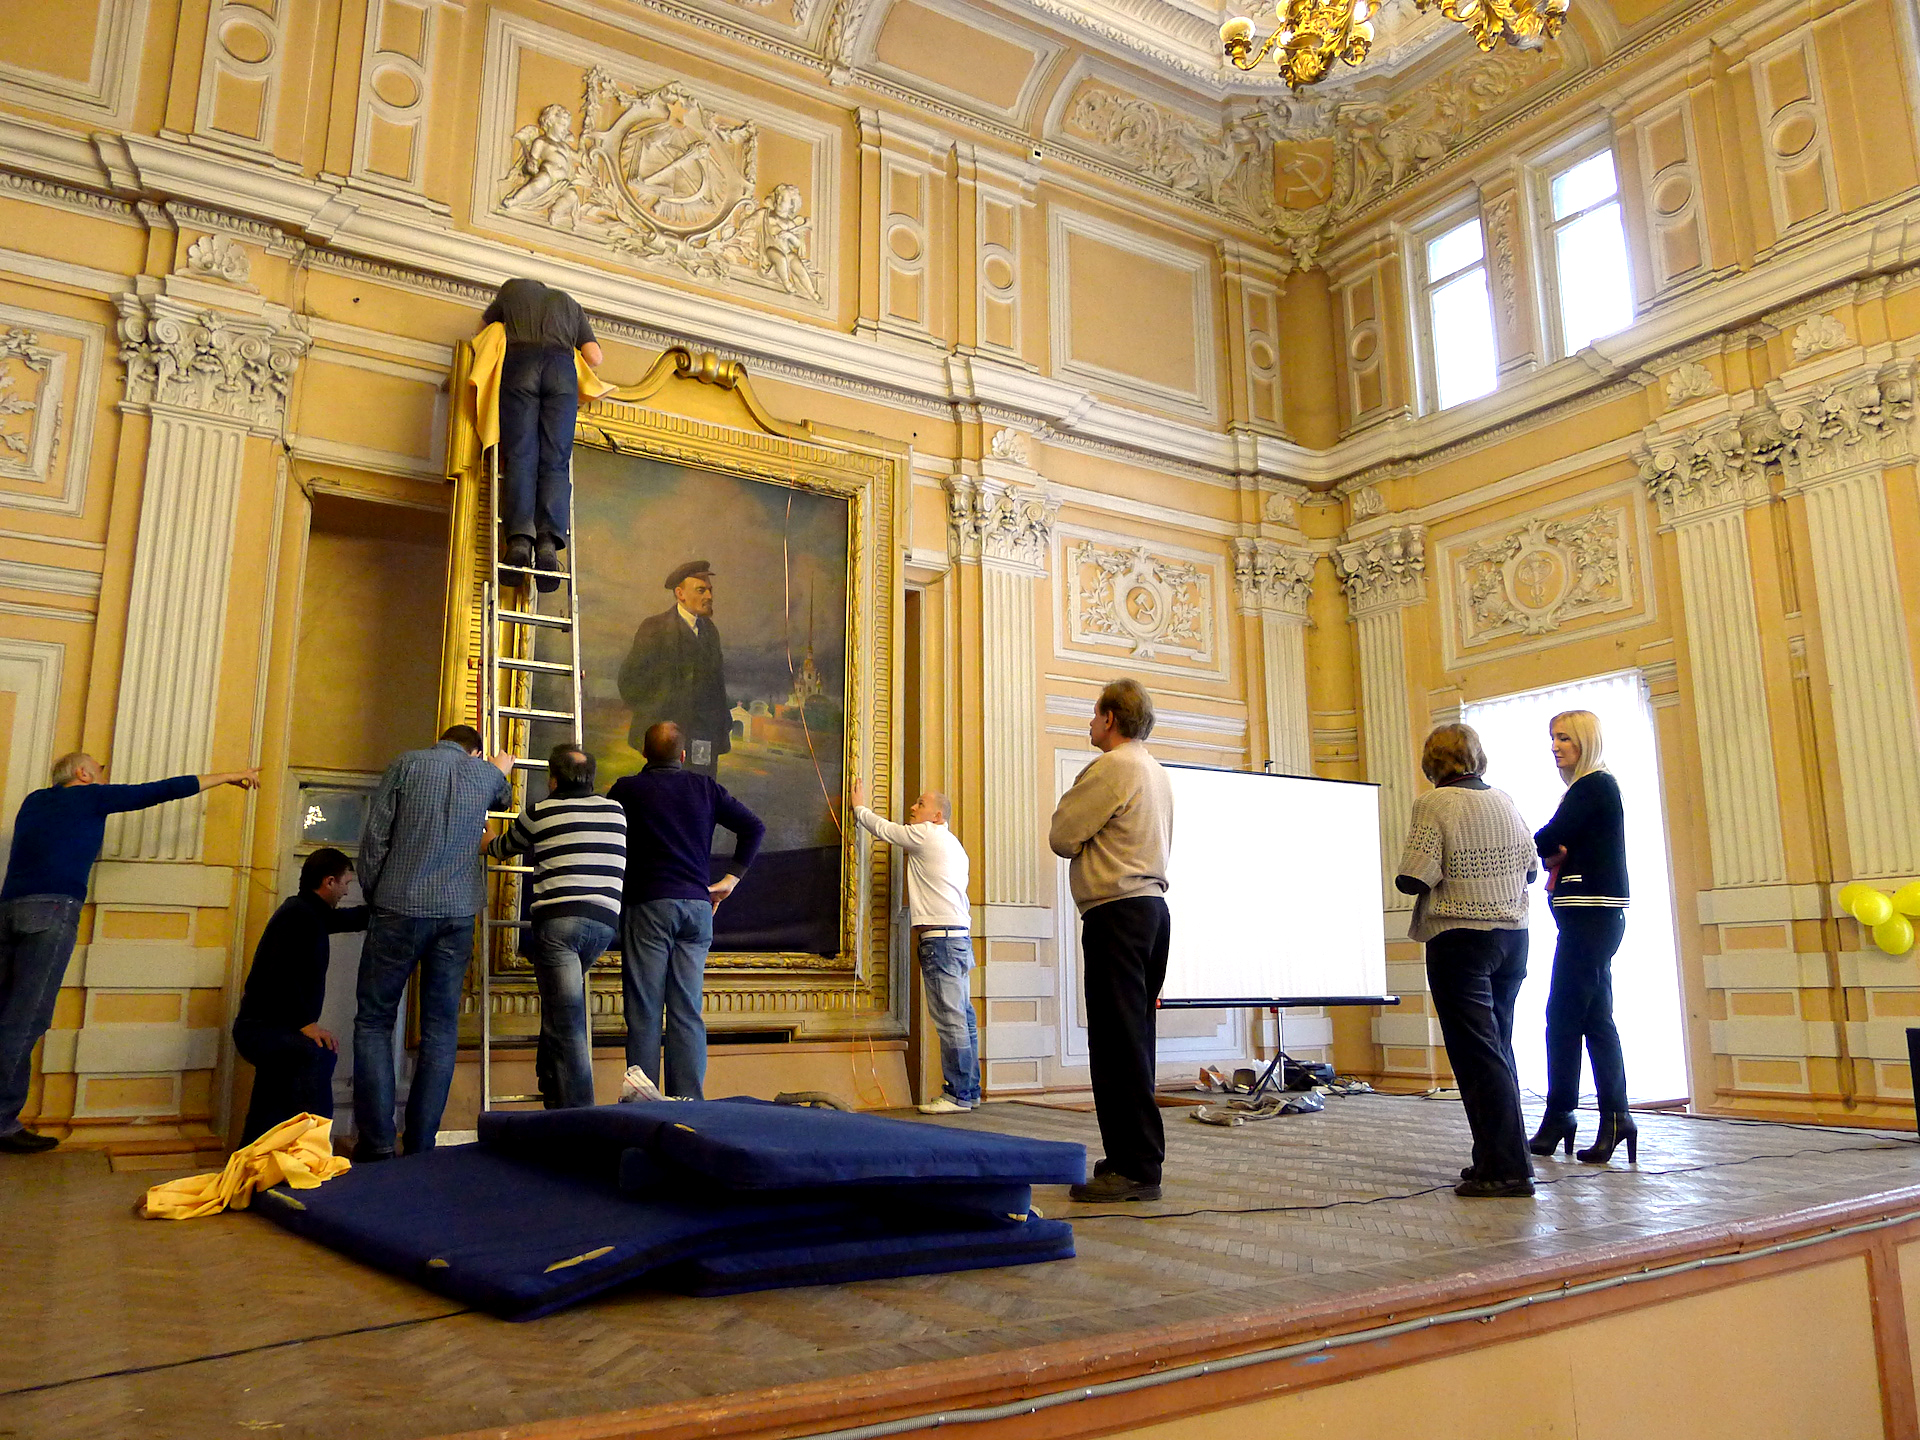 Obra restaurada ficará exposta em São Petersburgo a partir do dia 30